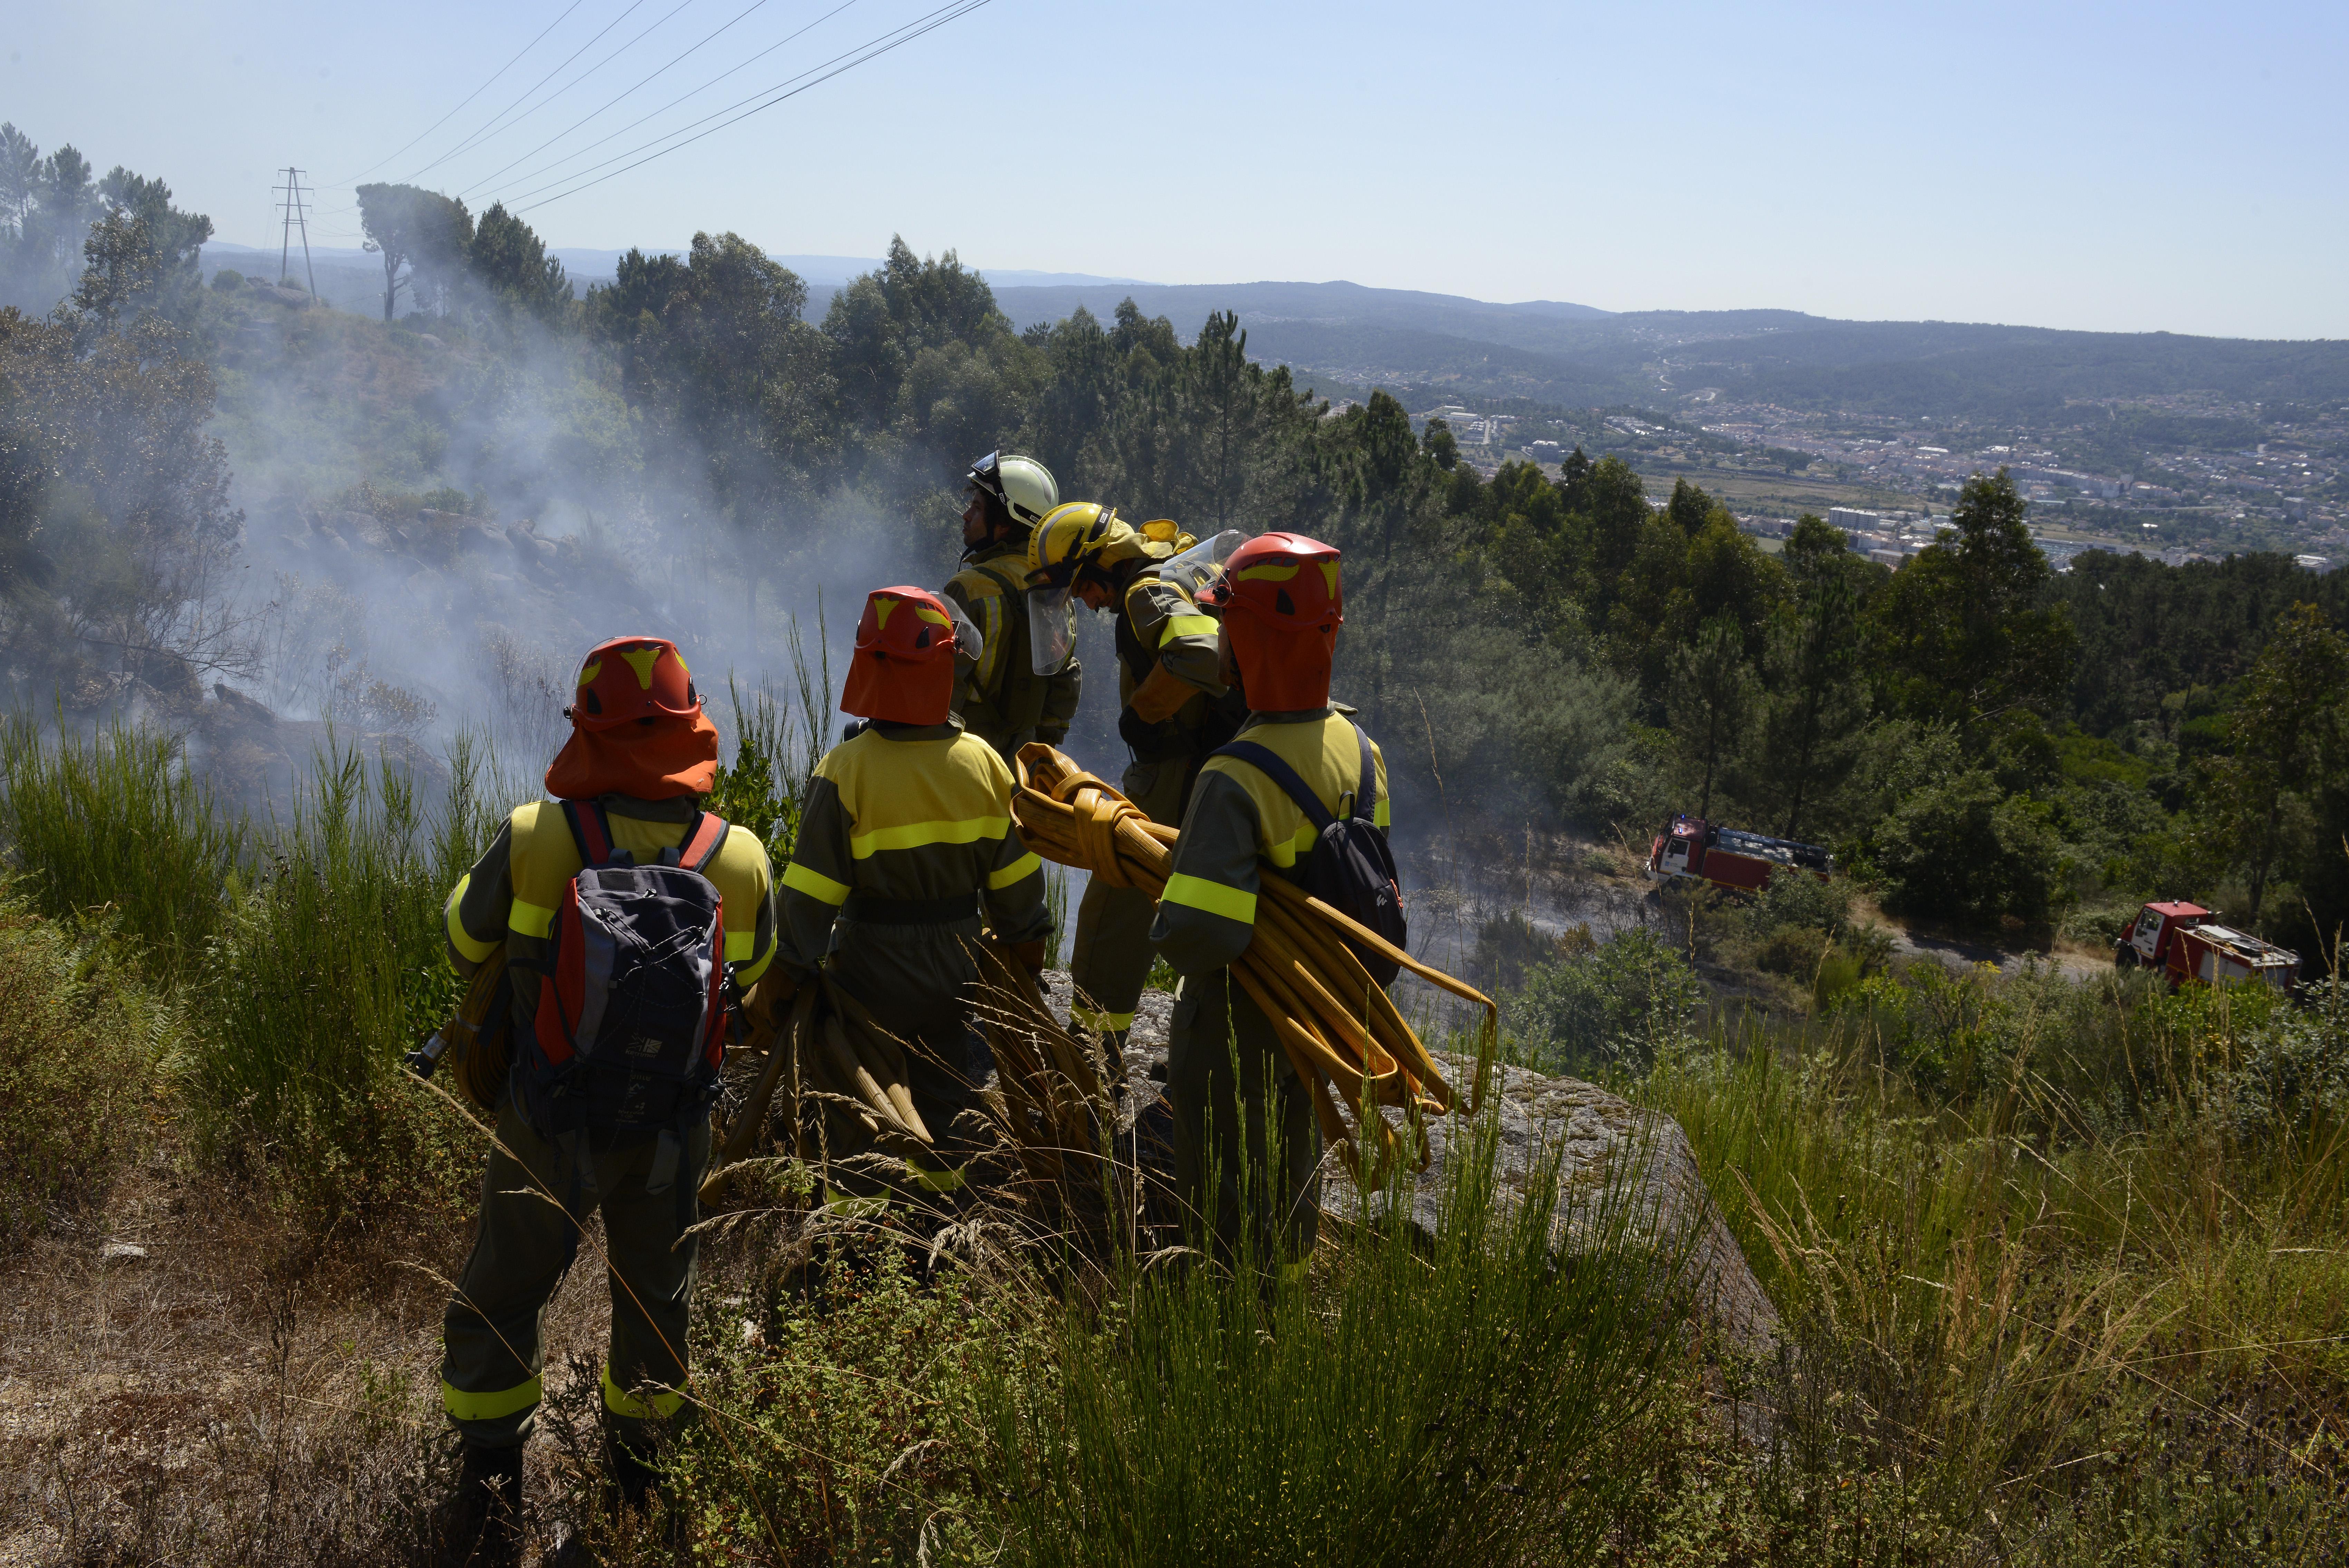 Un grupo de bomberos, durante las labores para controlar un incendio forestal, a 28 de julio de 2021, en la parroquia de Santa Mariña do Monte, Ourense, Galicia (España)